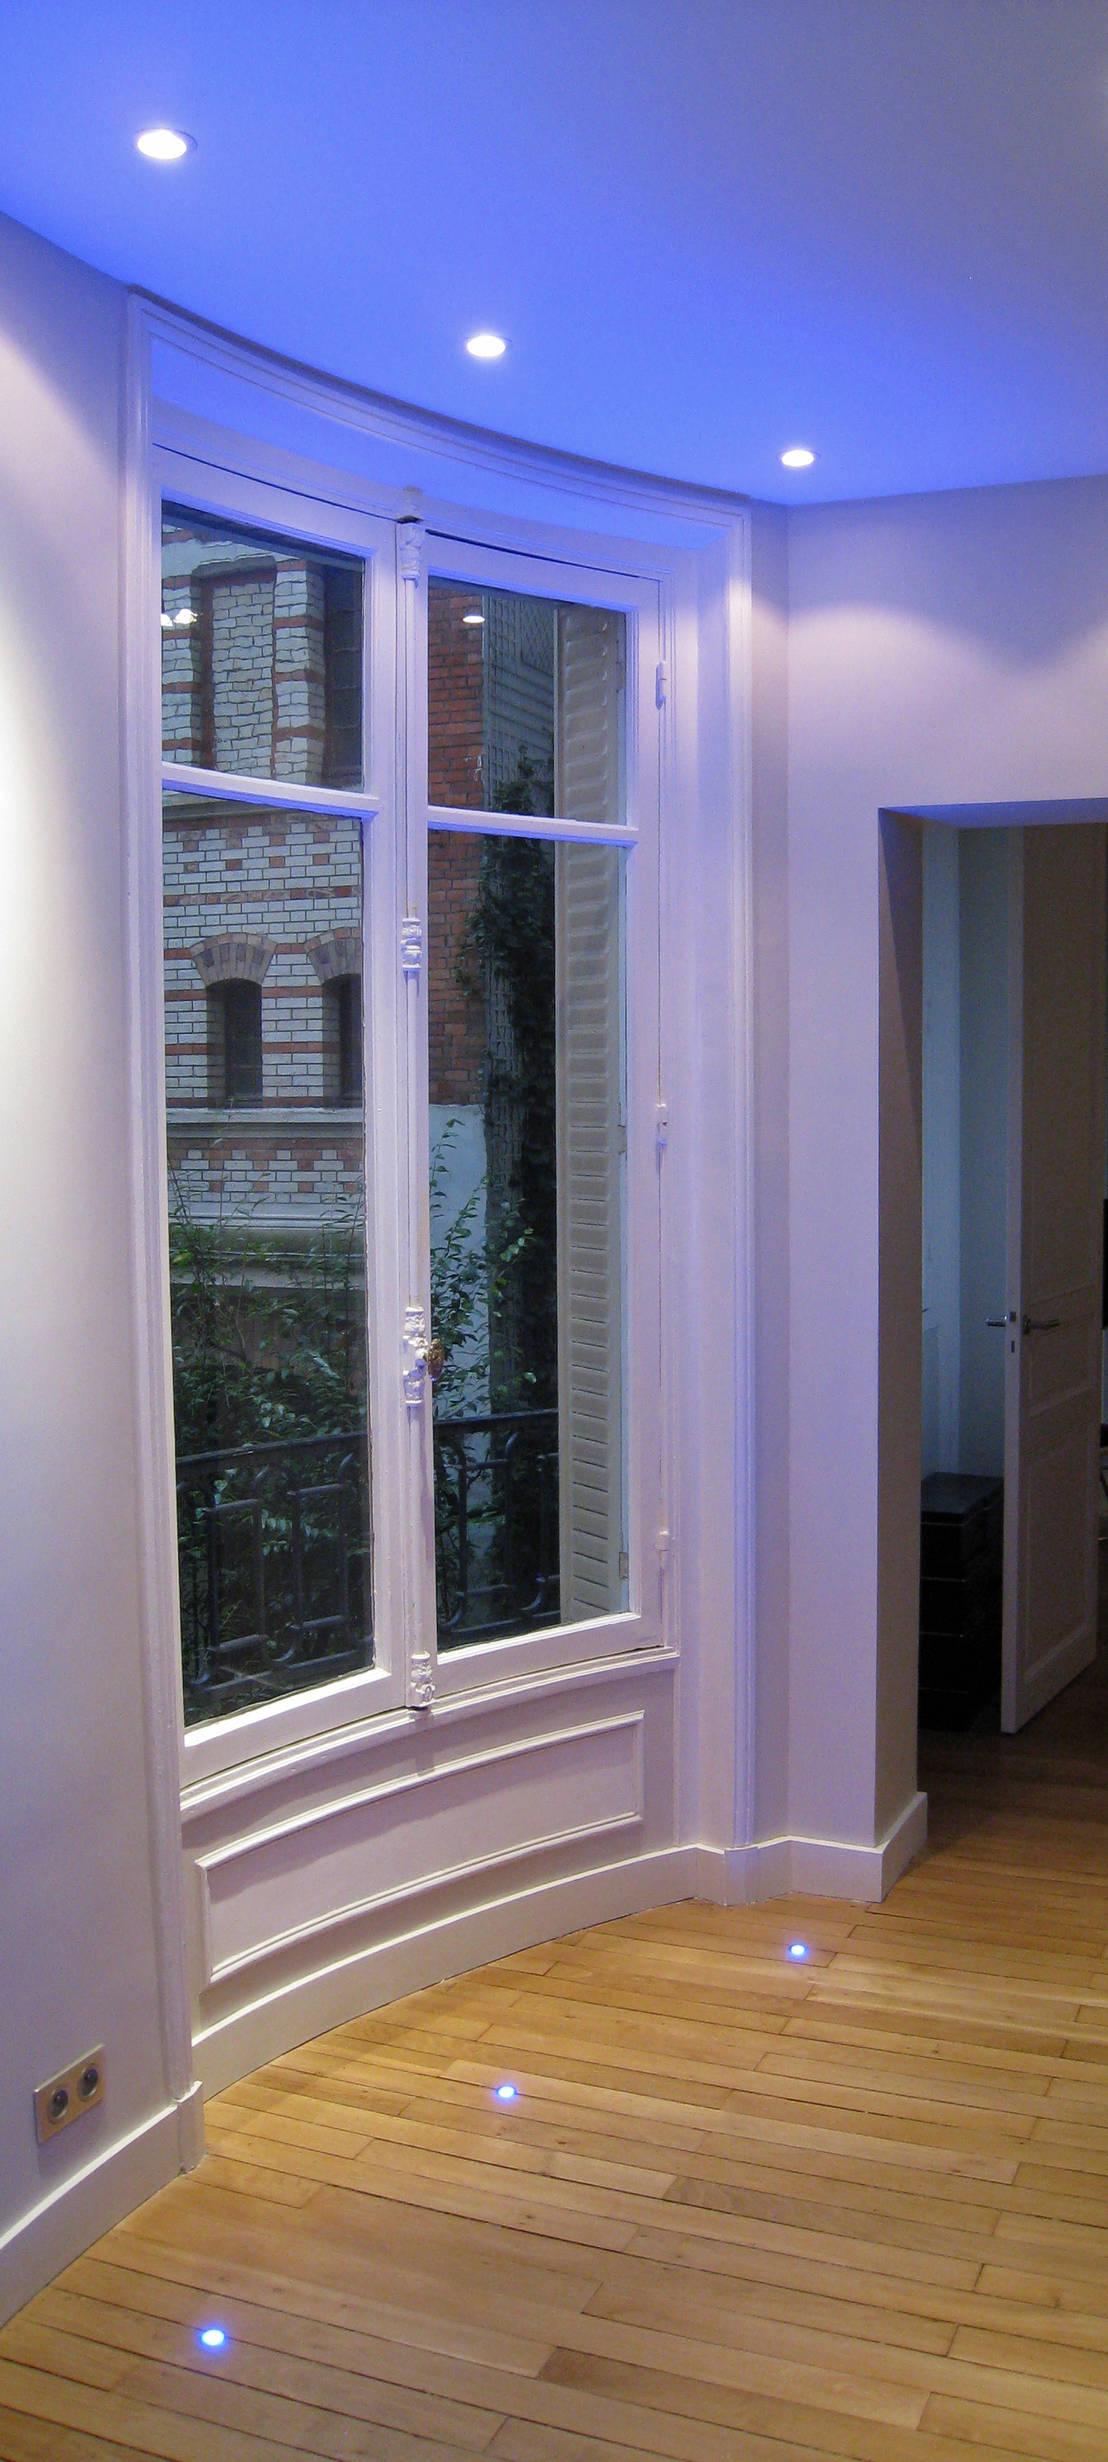 appartement haussmannien architecture int rieure paris 17 em de philippe ponceblanc architecte d. Black Bedroom Furniture Sets. Home Design Ideas